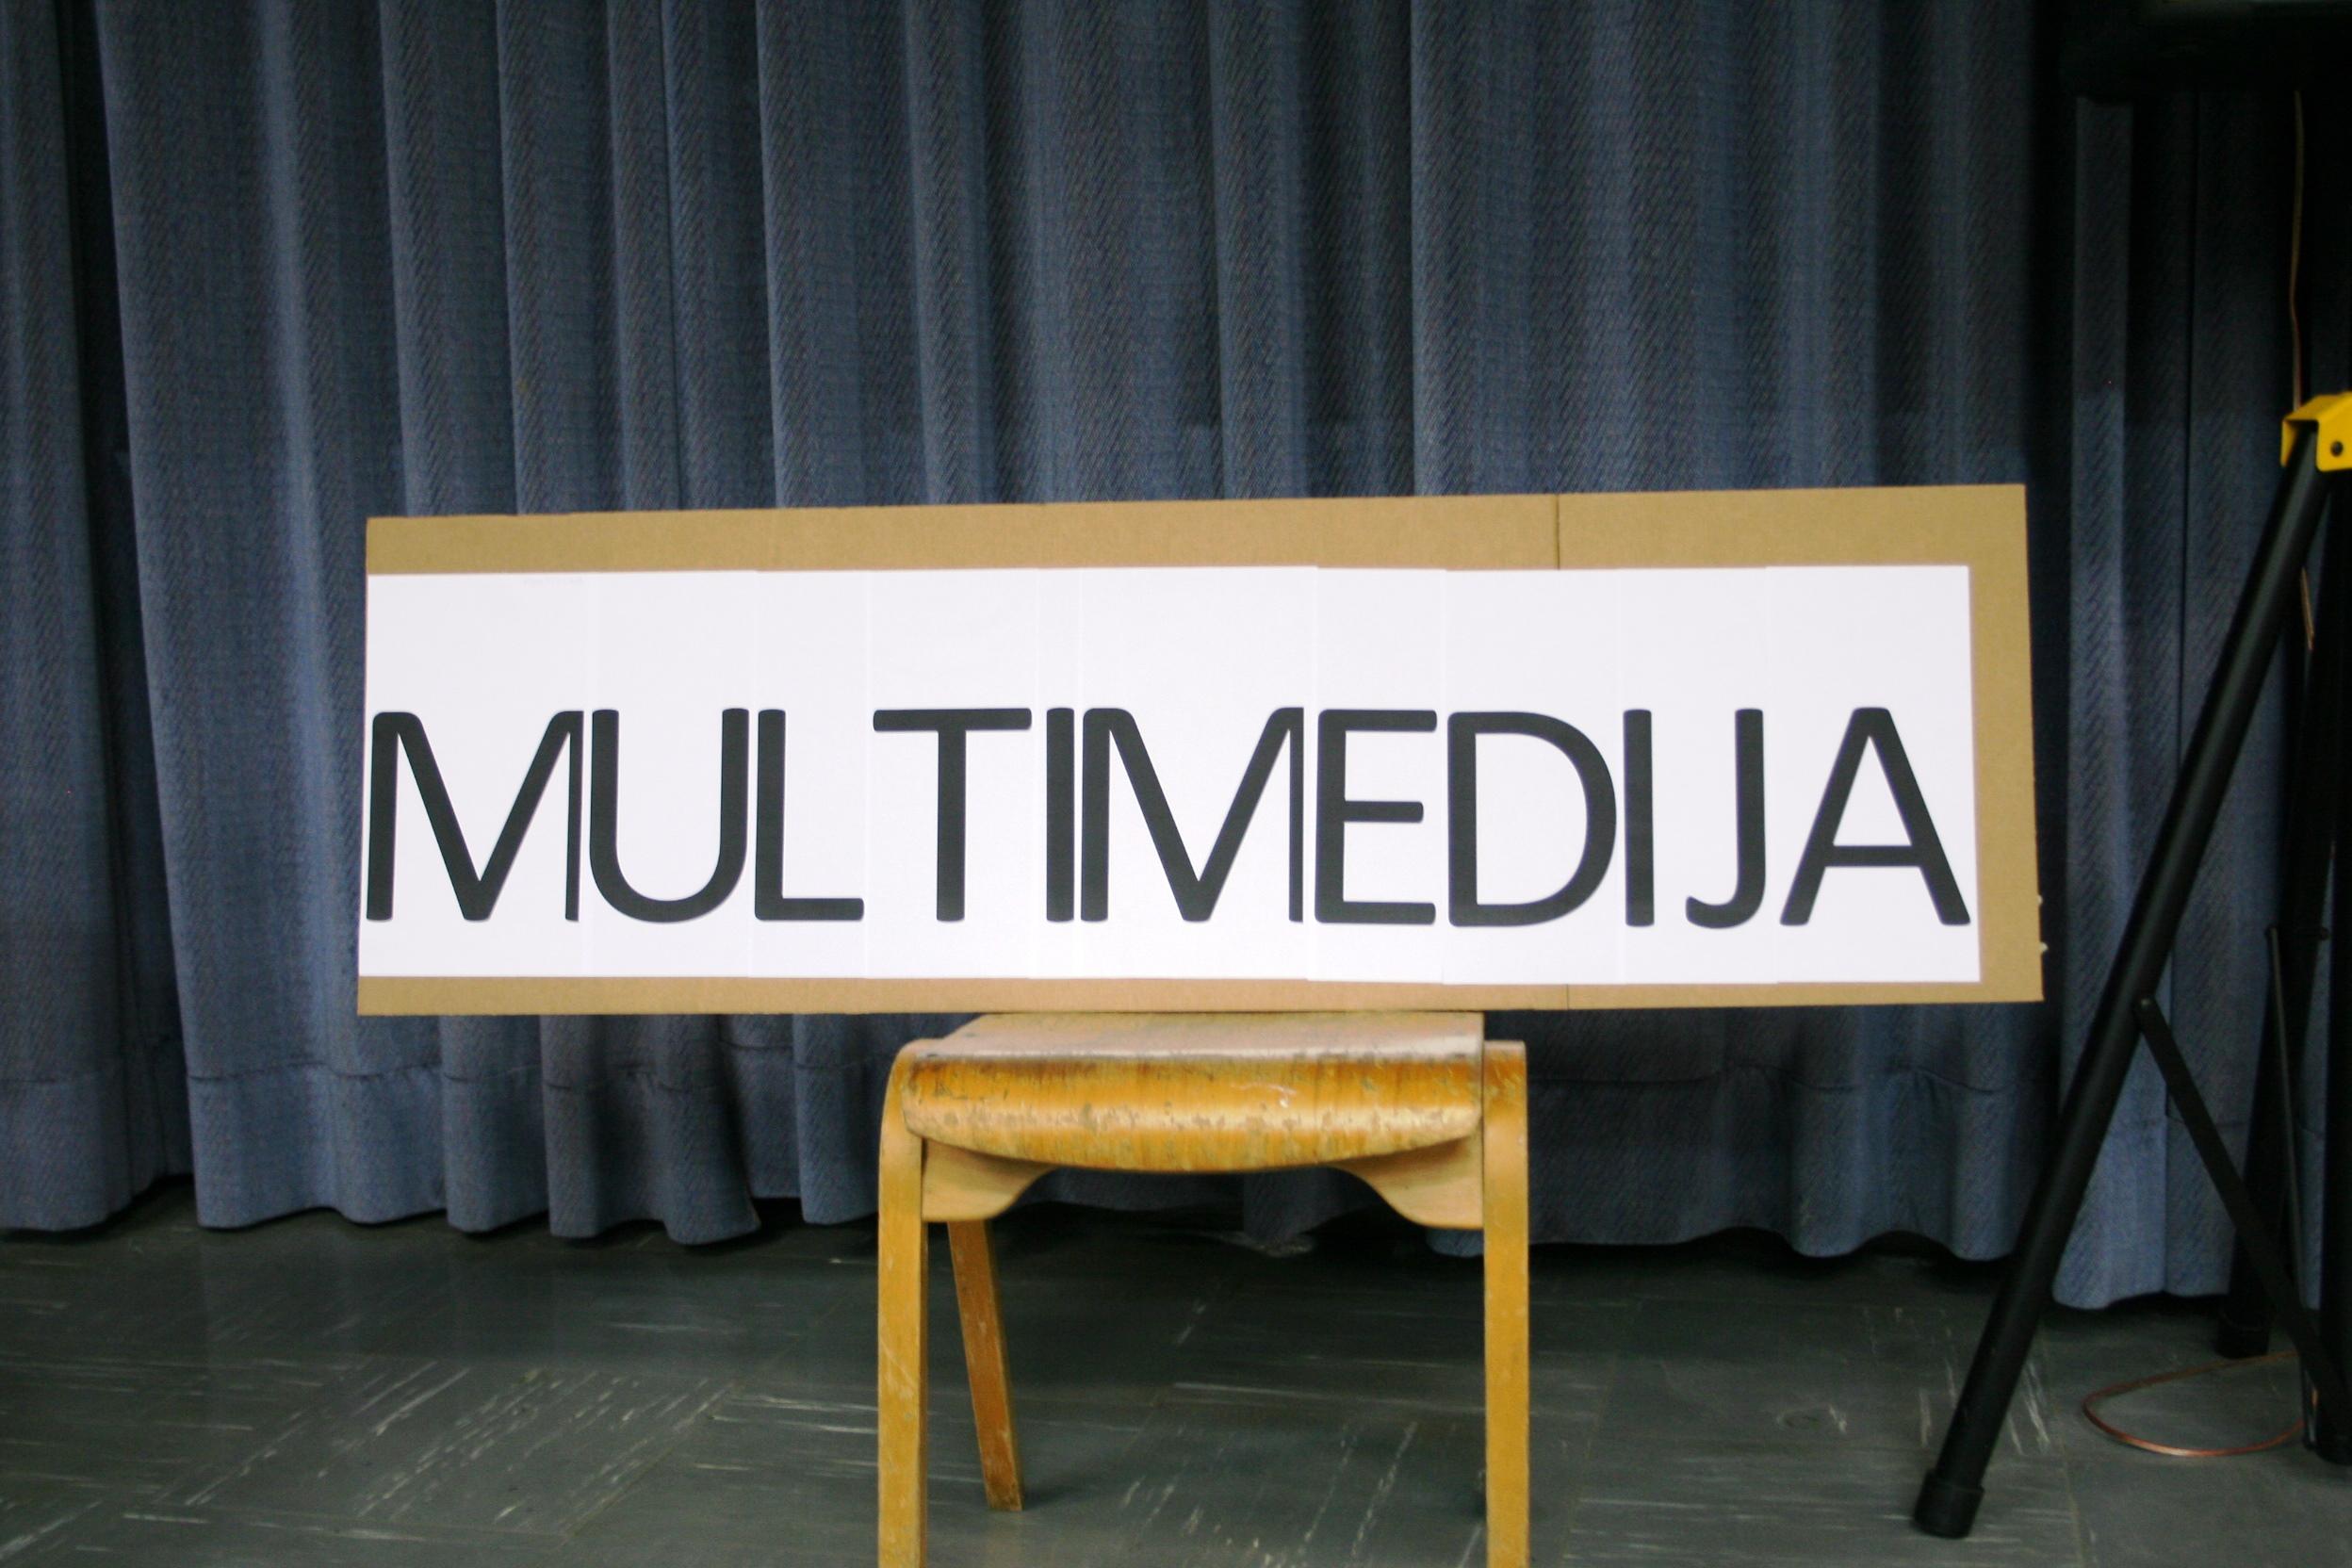 Film in multimedija (FiM) Gimnazije Tolmin